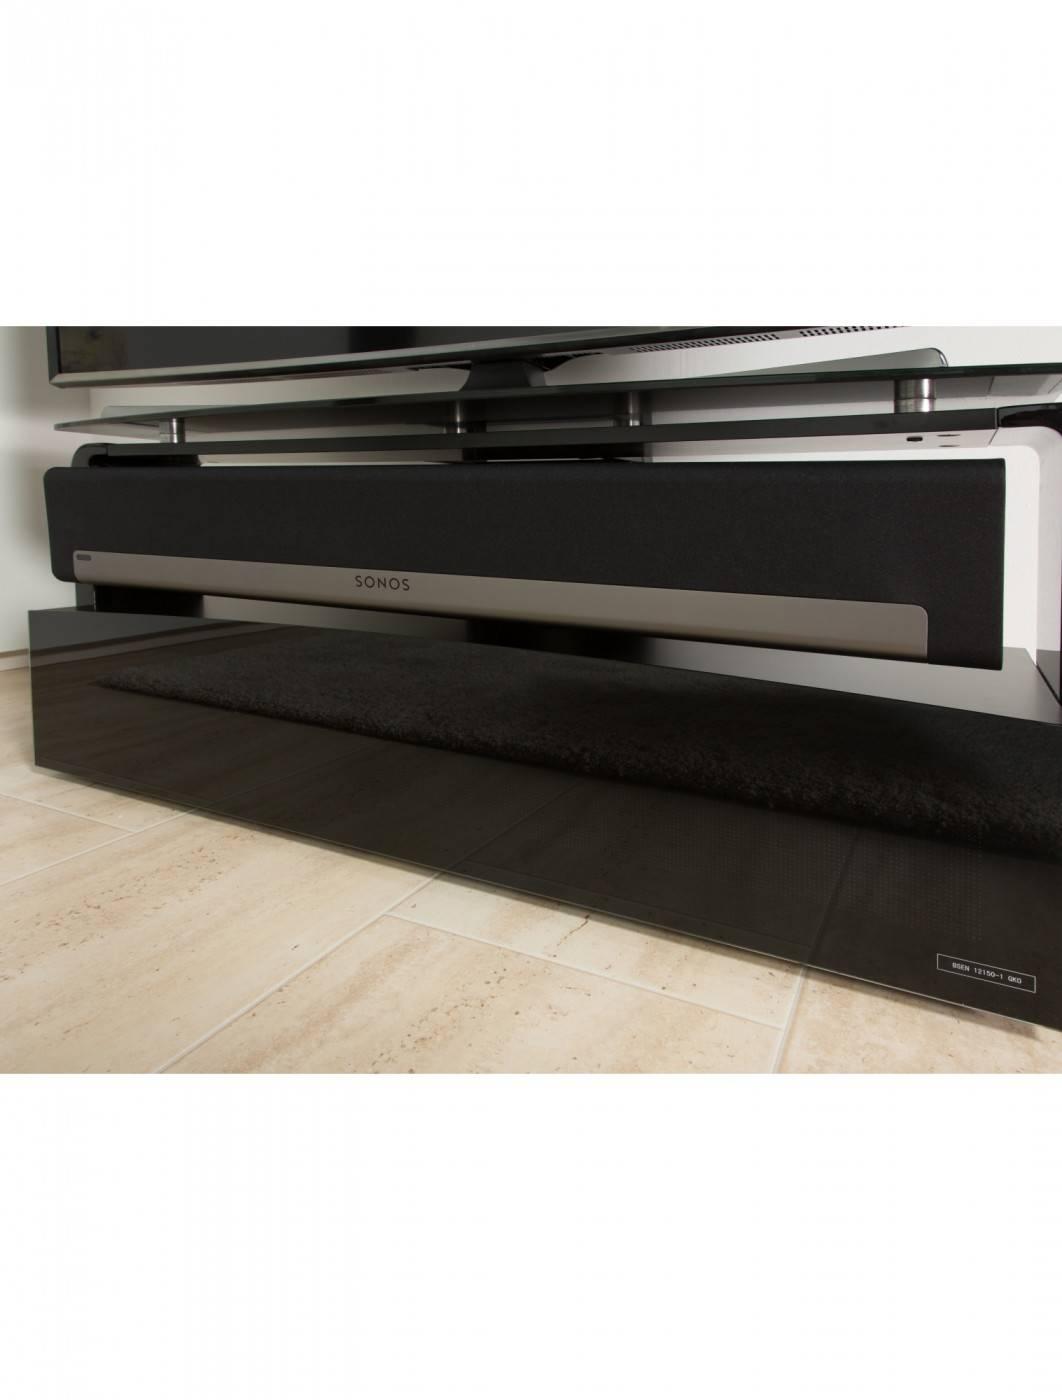 Alphason Sonos Playbar Tv Stand As9001 | 121 Tv Mounts Regarding Sonos Tv Stands (View 4 of 15)